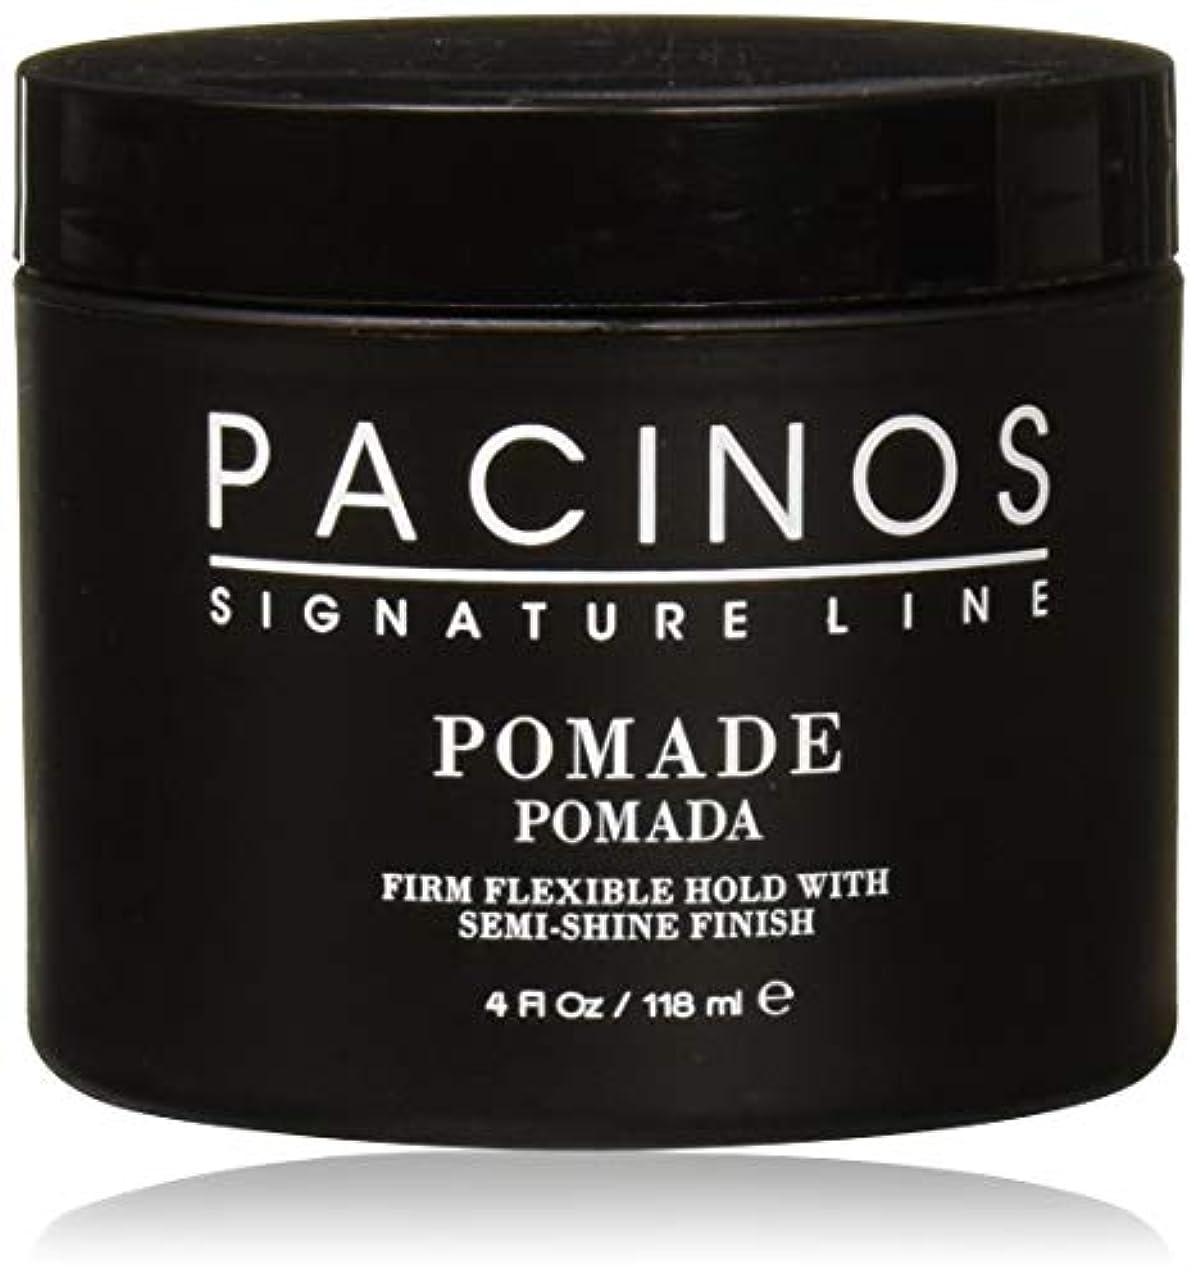 不公平白い許可するPacinos Pomade パチーノス?ポマード【日本正規品】4oz(118g)